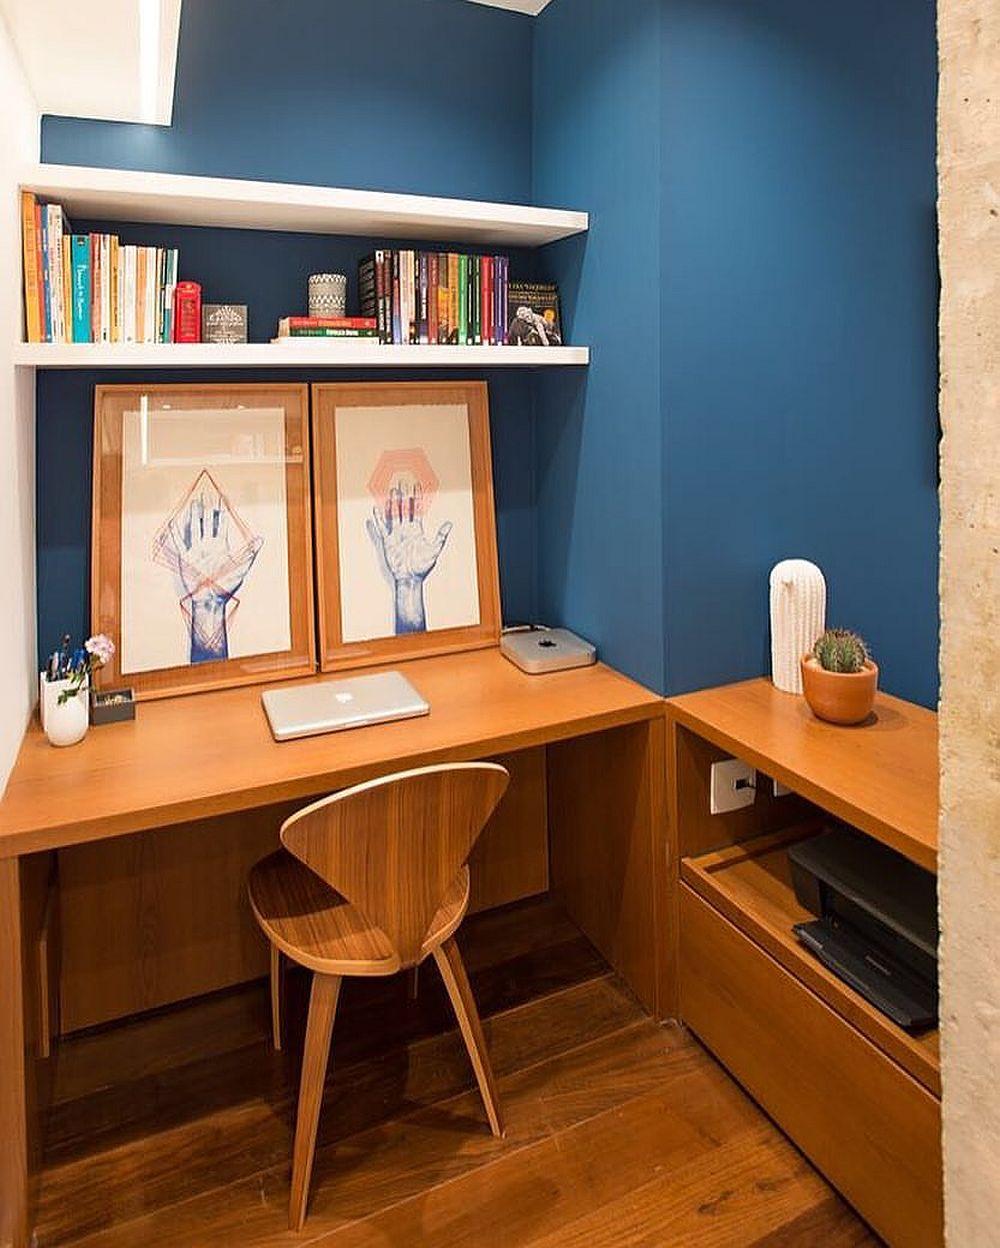 Spațiul pentru locul de birou este în aceeași linie cu bucătăria, dar între cele două funcțiuni s-a trasat un perete despărțitor. Aici totul este minimal, dar exact cât trebuie pentru lcrul acasă în liniște.